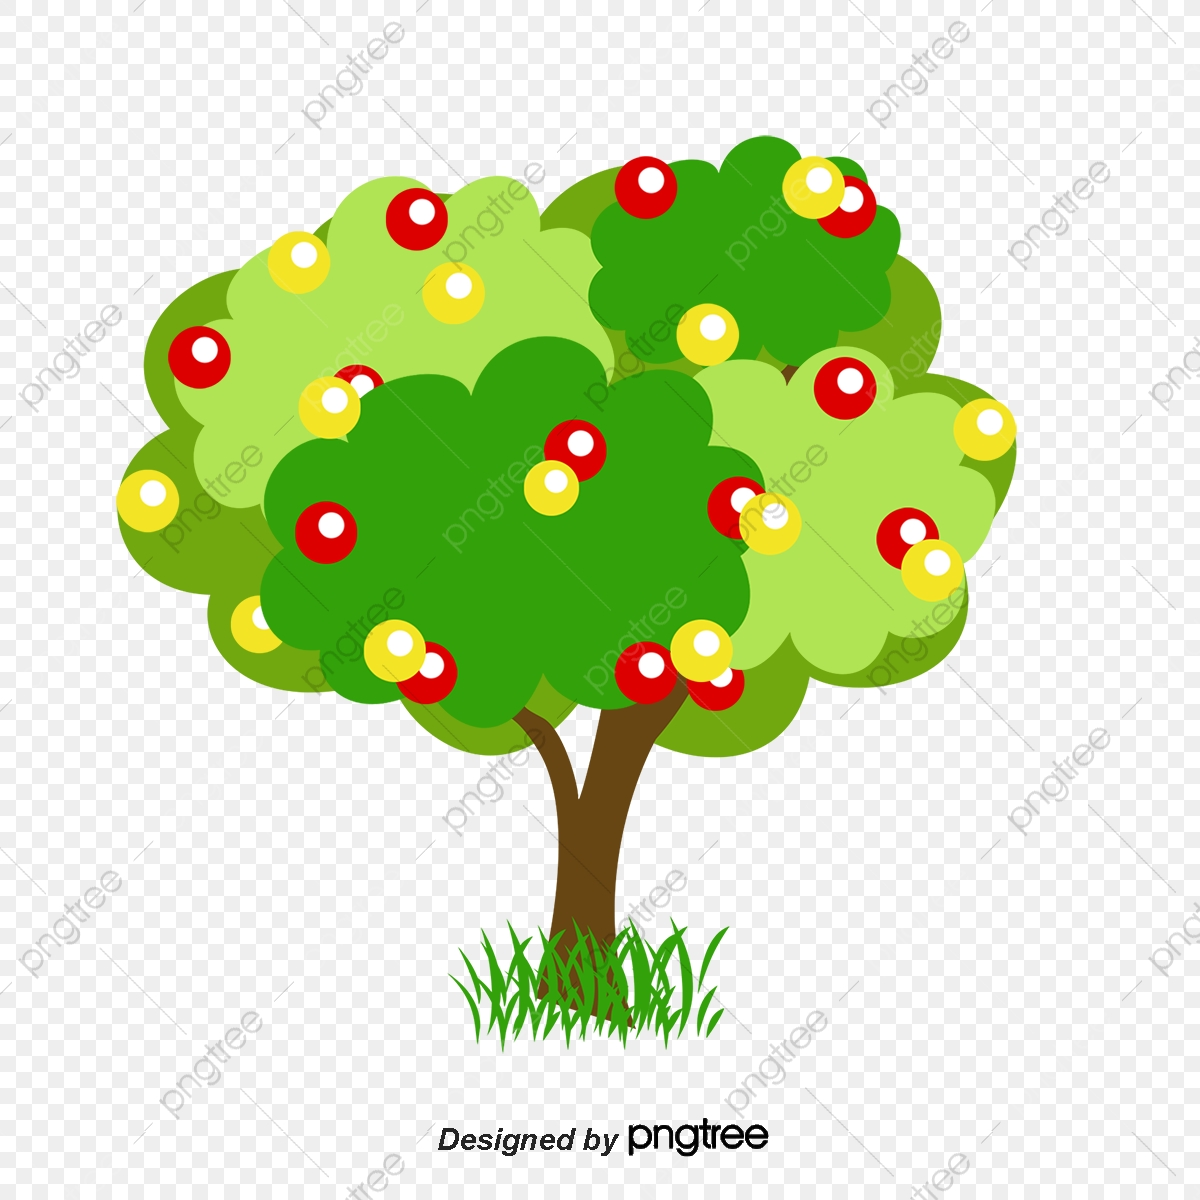 le dessin de l arbre dessin de l arbre fruits image png